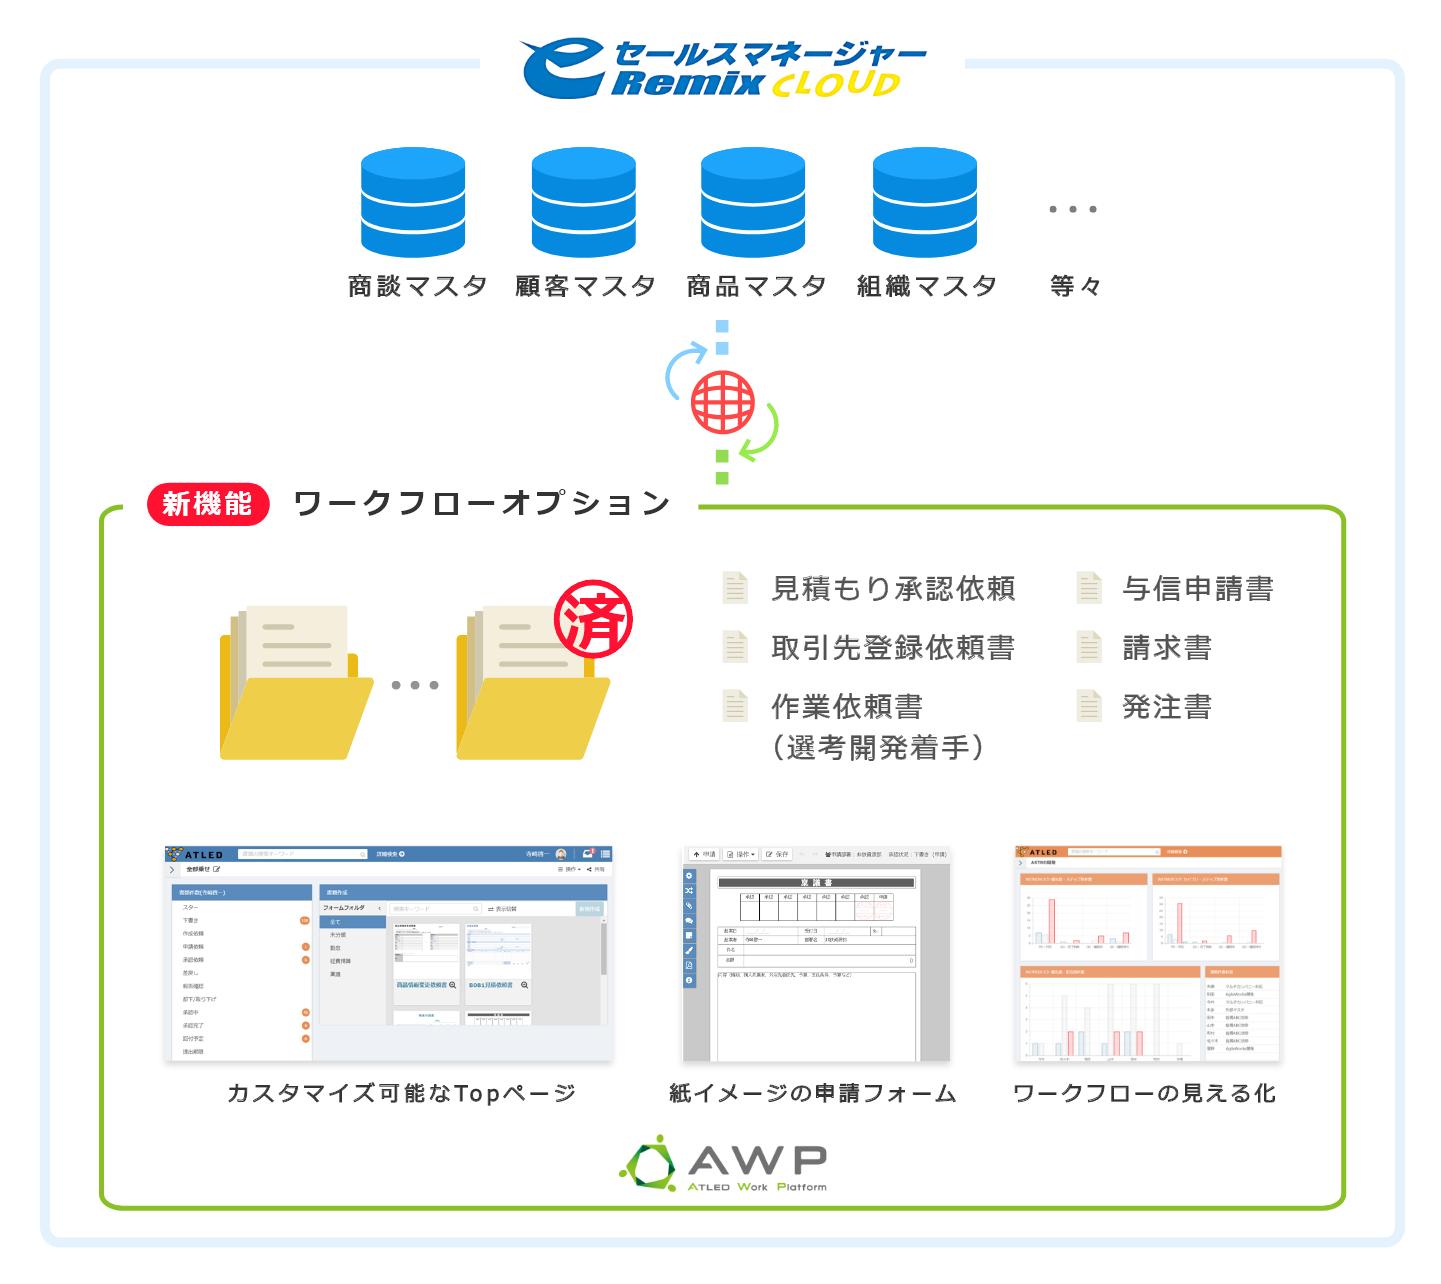 「eセールスマネージャー」での「ATLED Work Platform」の採用イメージ